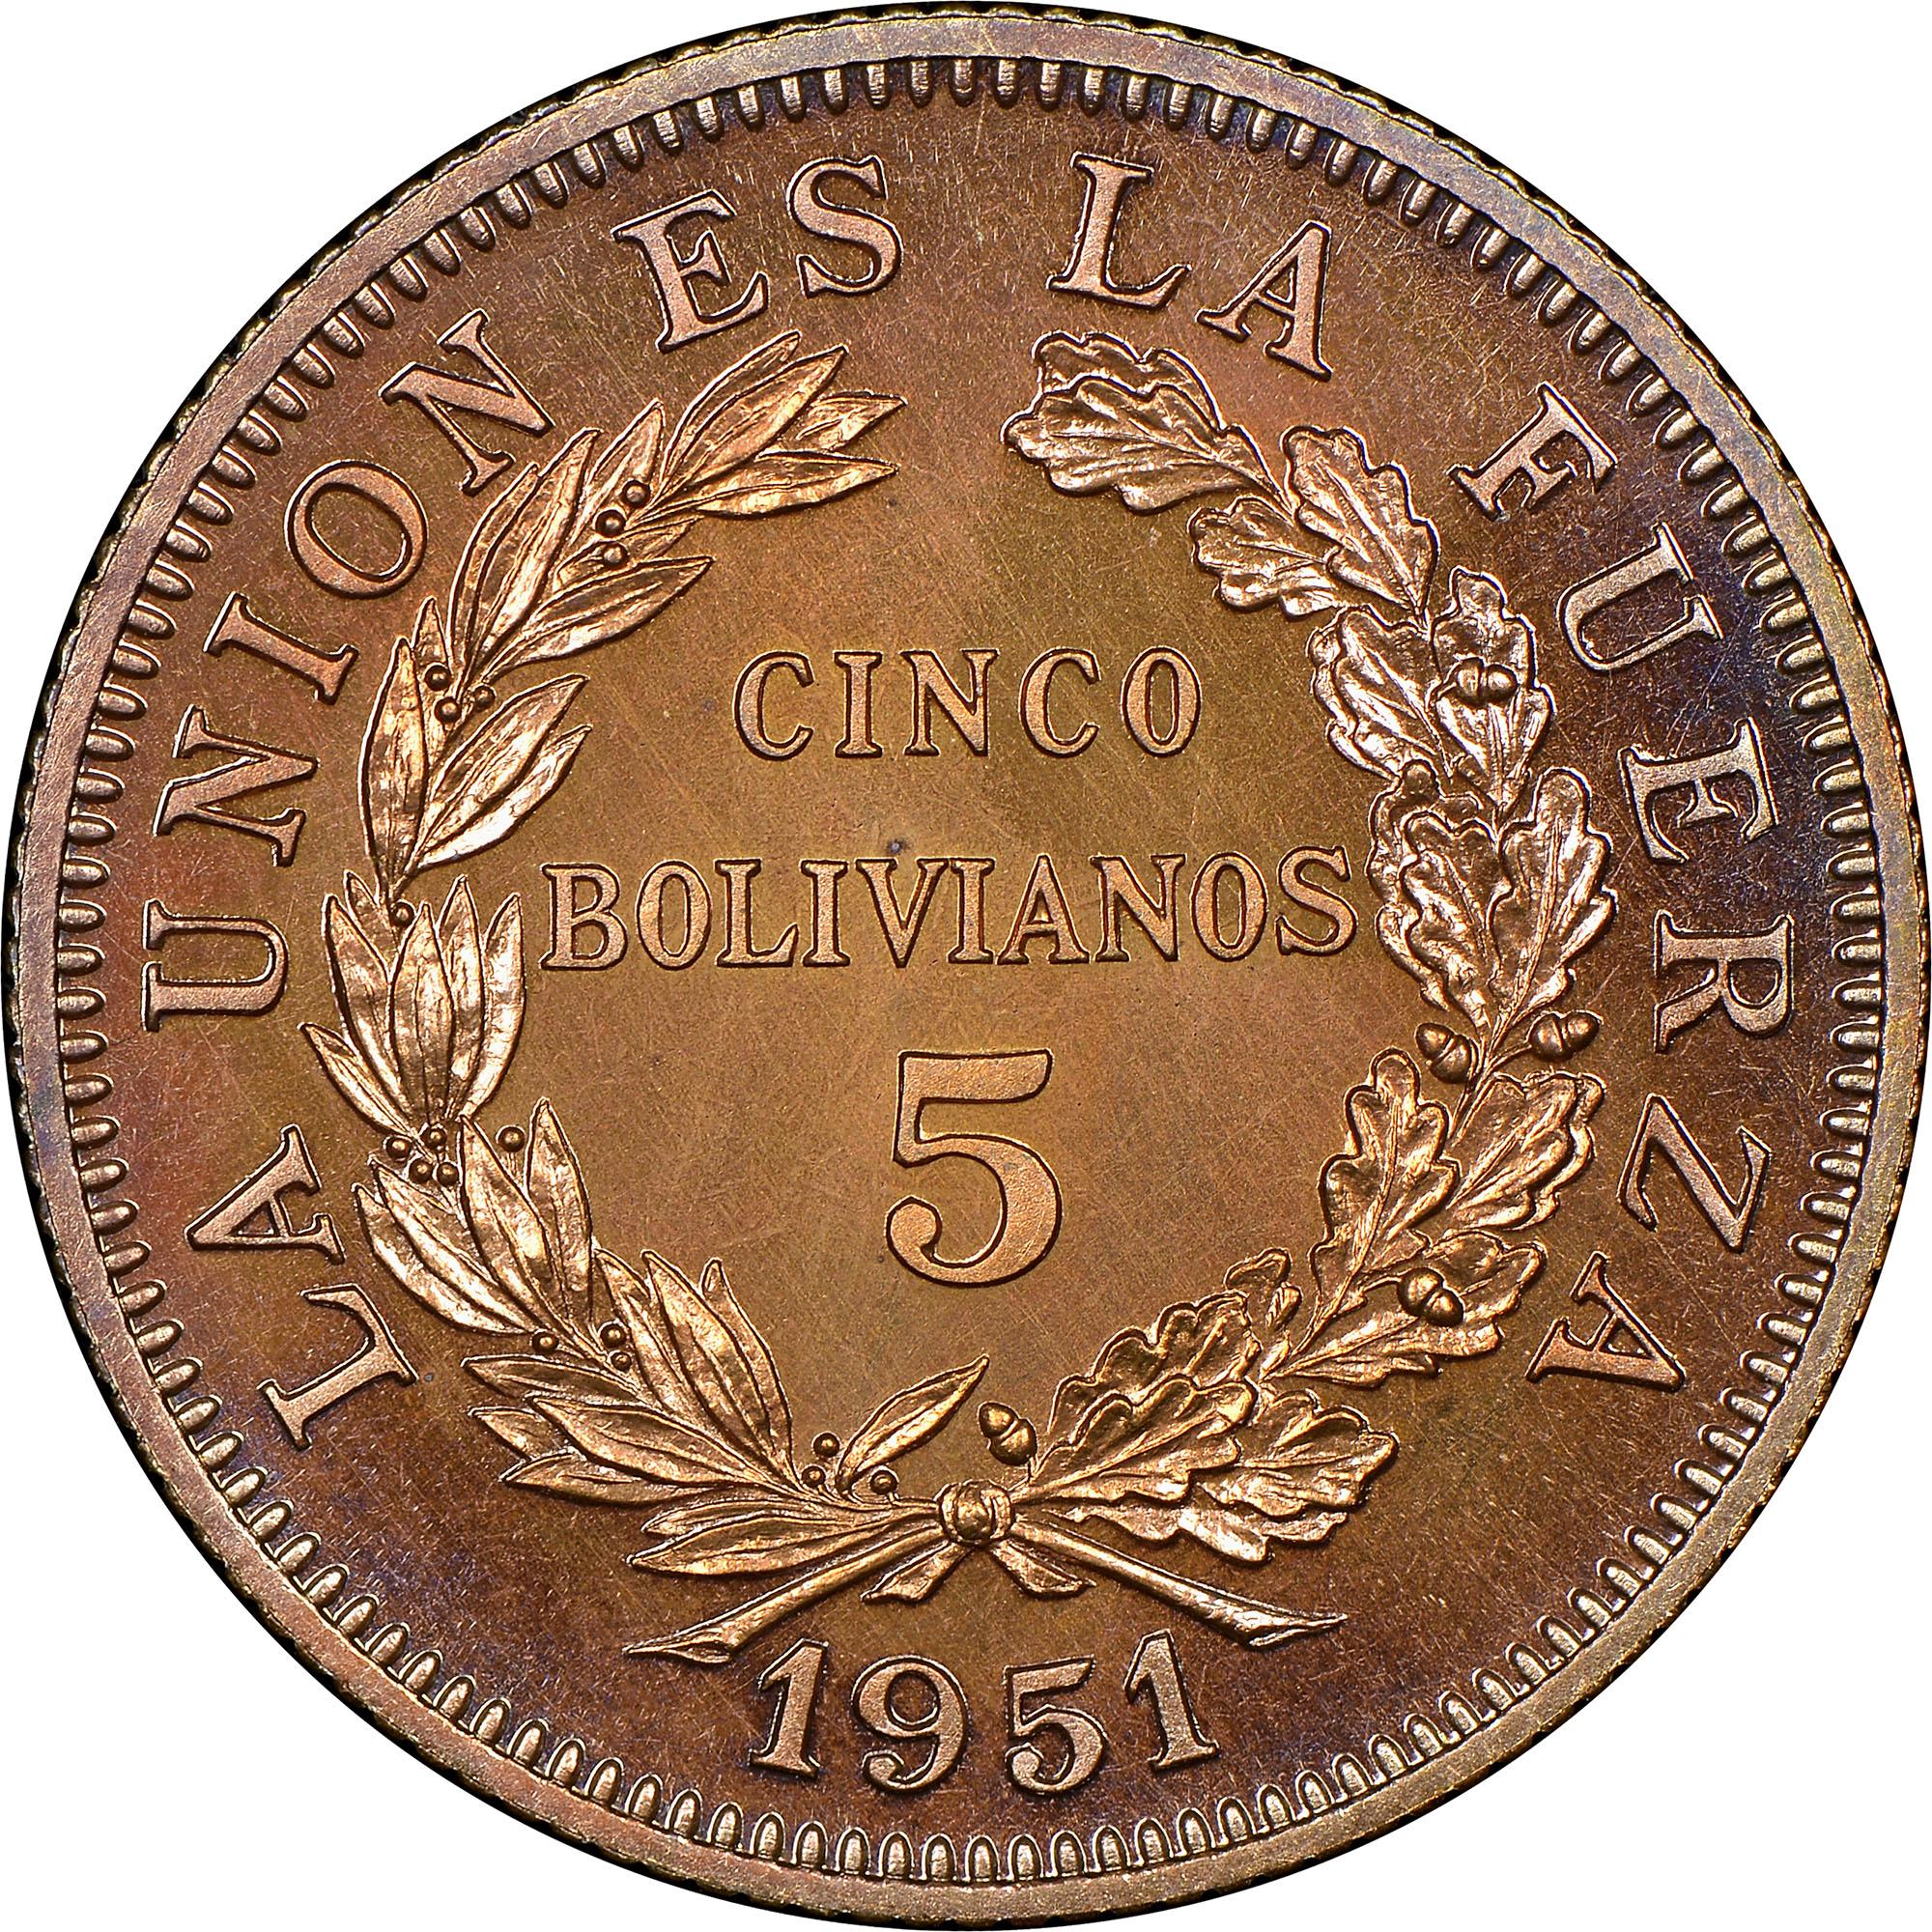 Bolivia 5 Bolivianos reverse